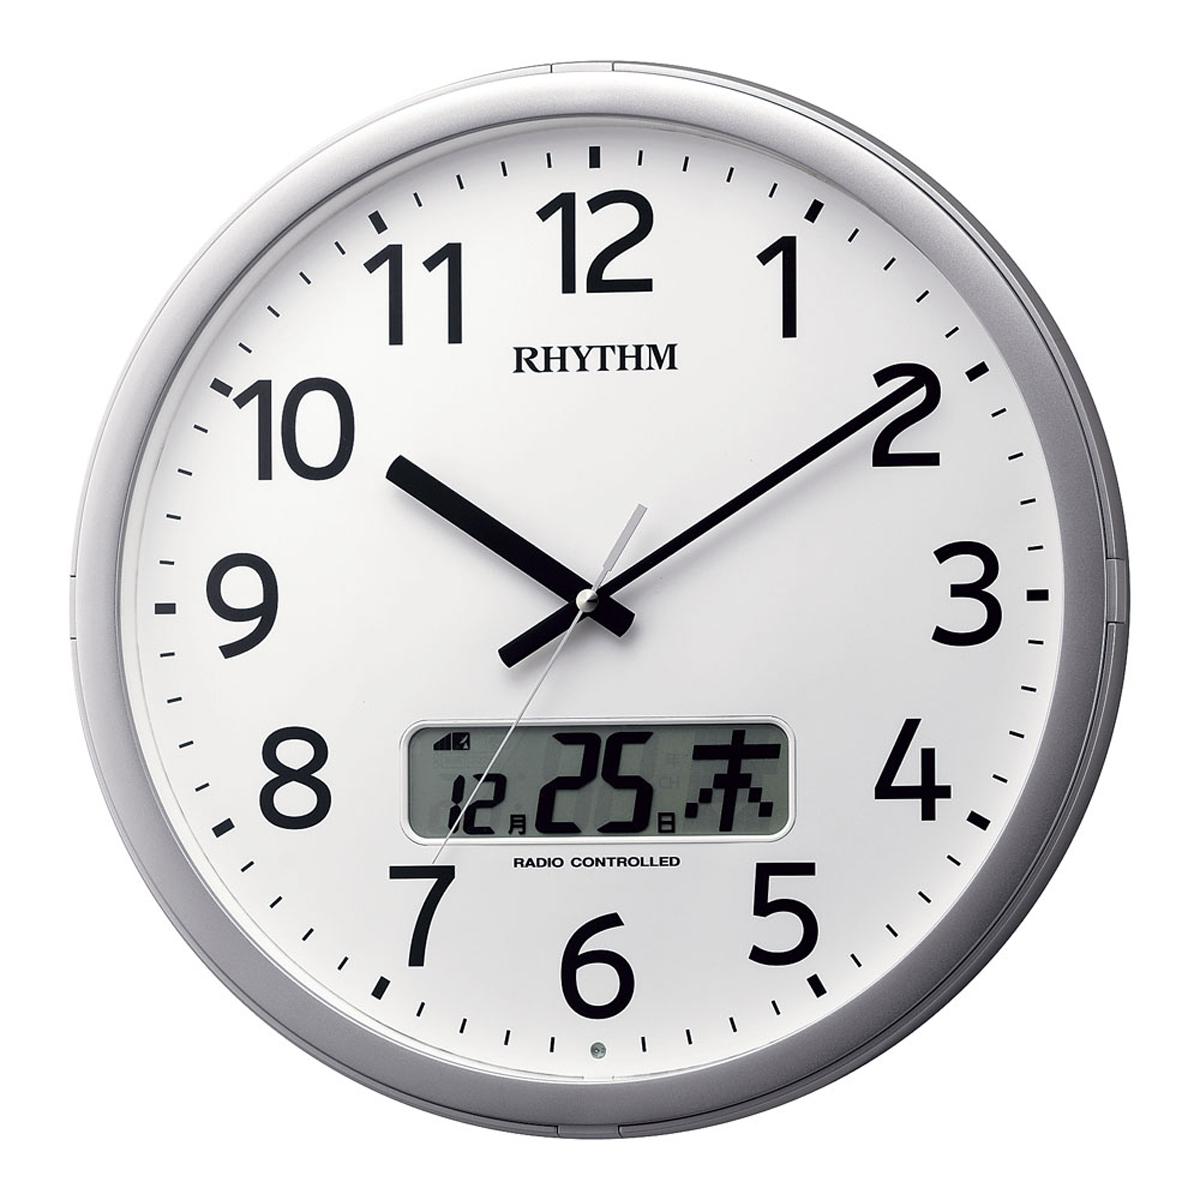 リズム プログラムカレンダー01SR 4FNA01SR19 6-2372-0401【インテリア 店舗備品 装飾インテリア 時計 業務用 販売 通販】[10P03Dec16]